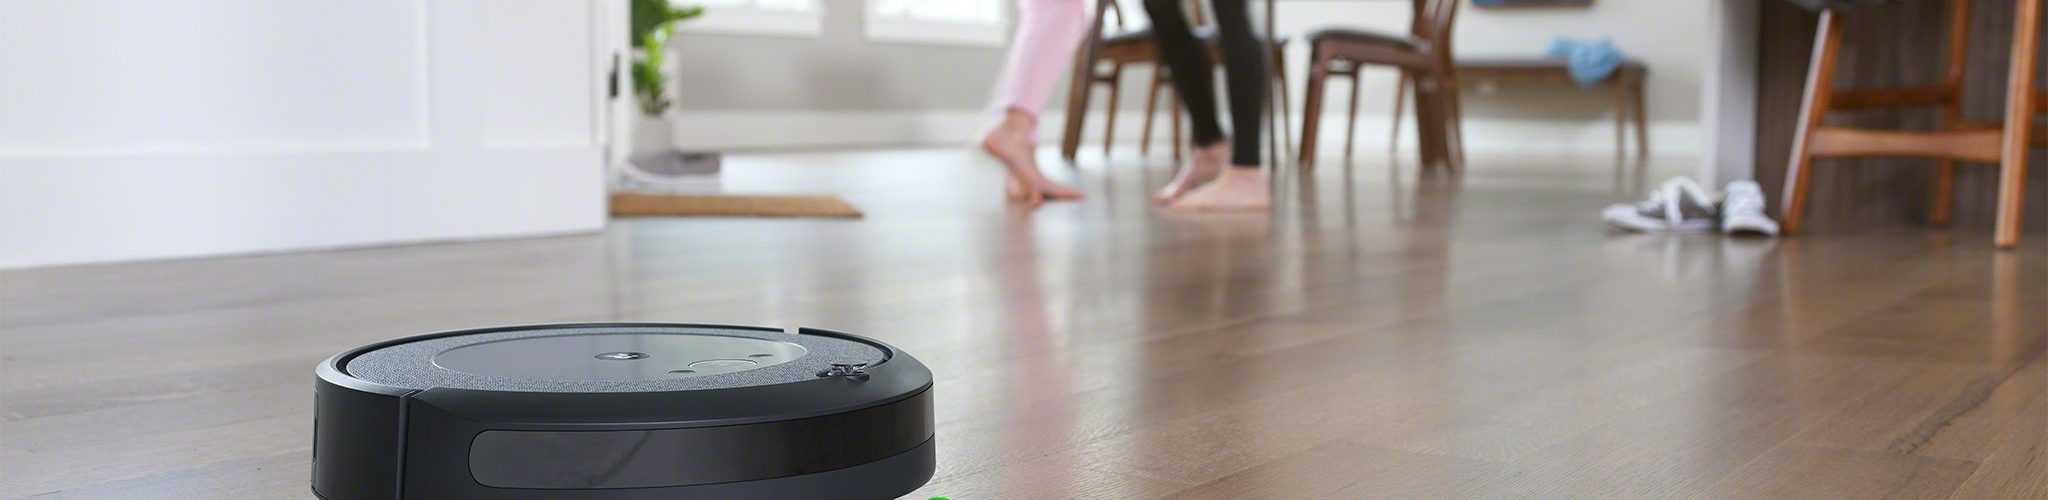 meilleur-aspirateur-robot-iRobot